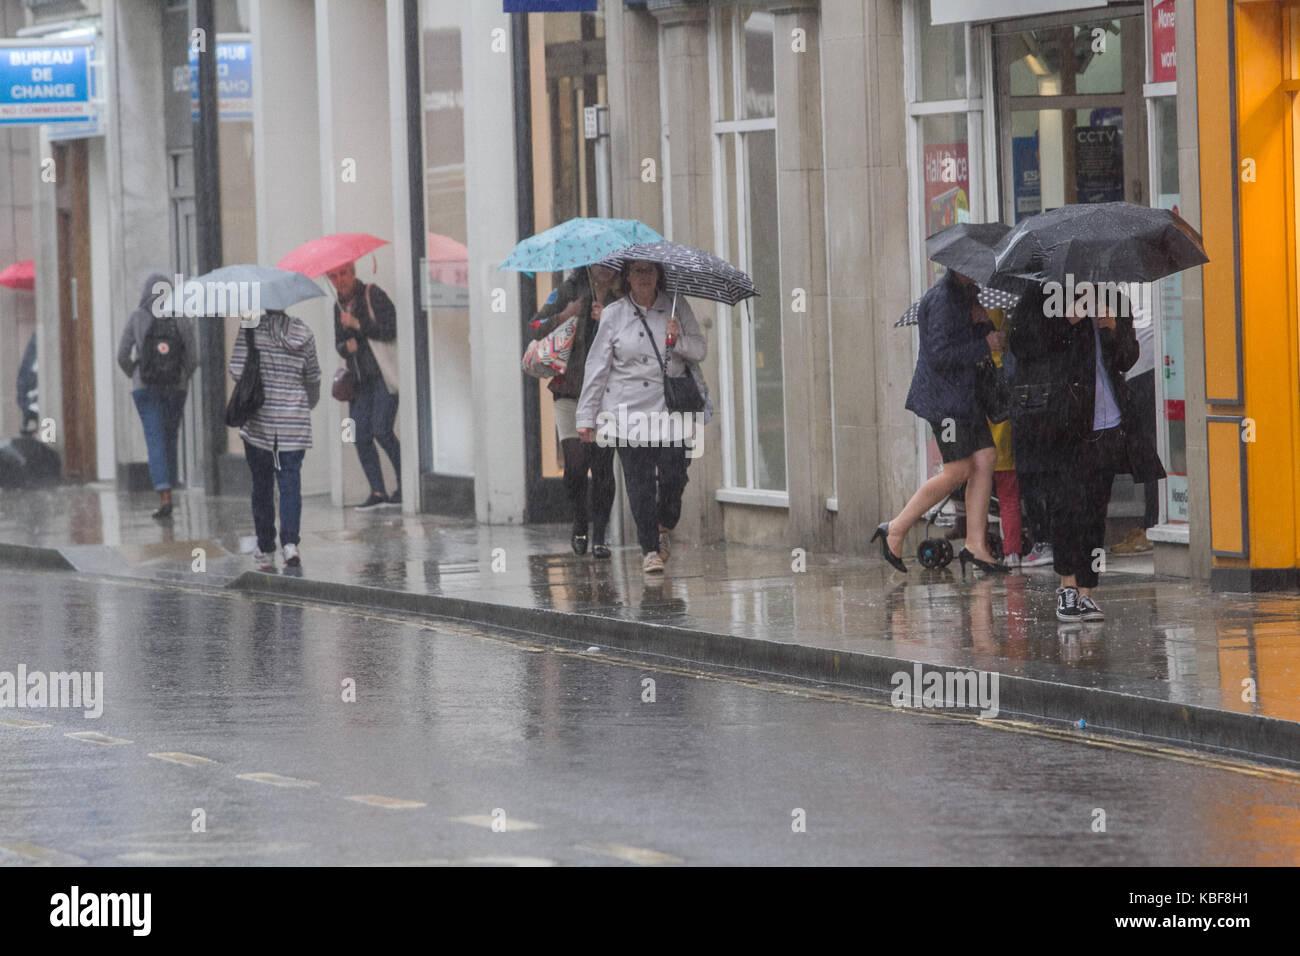 Richmond, Londres, Reino Unido. 29 sep, 2017. Los peatones y los compradores en el centro de la ciudad de Richmond están atrapados en fuertes lluvias torrenciales crédito: amer ghazzal/alamy live news Foto de stock